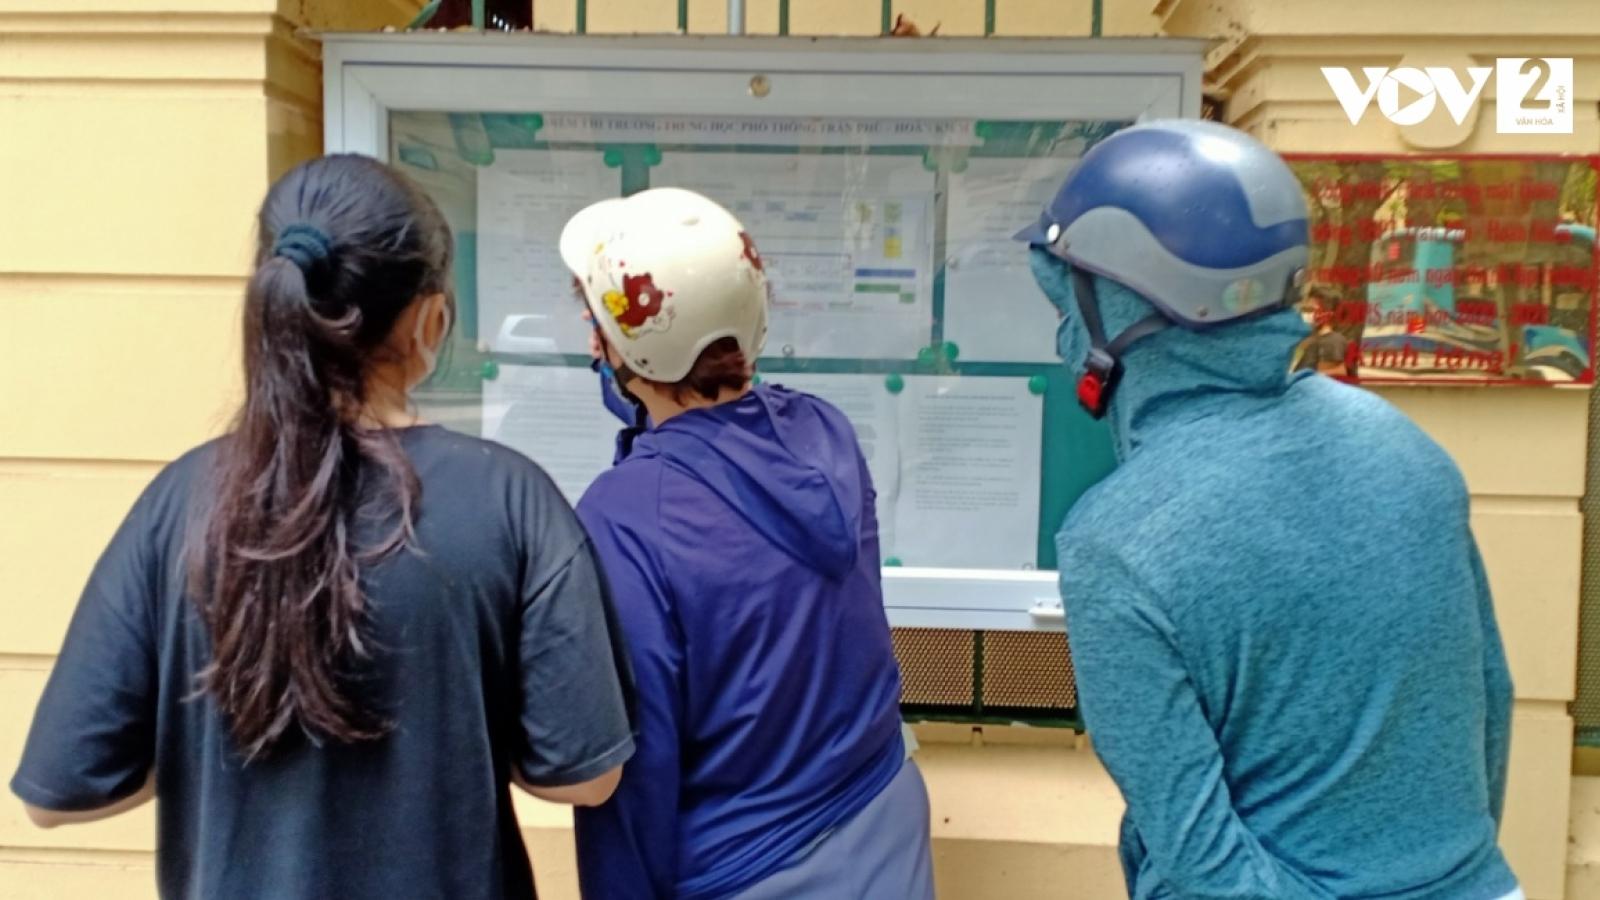 Cận cảnh phòng thi tuyển sinh vào lớp 10 Hà Nội trước giờ G